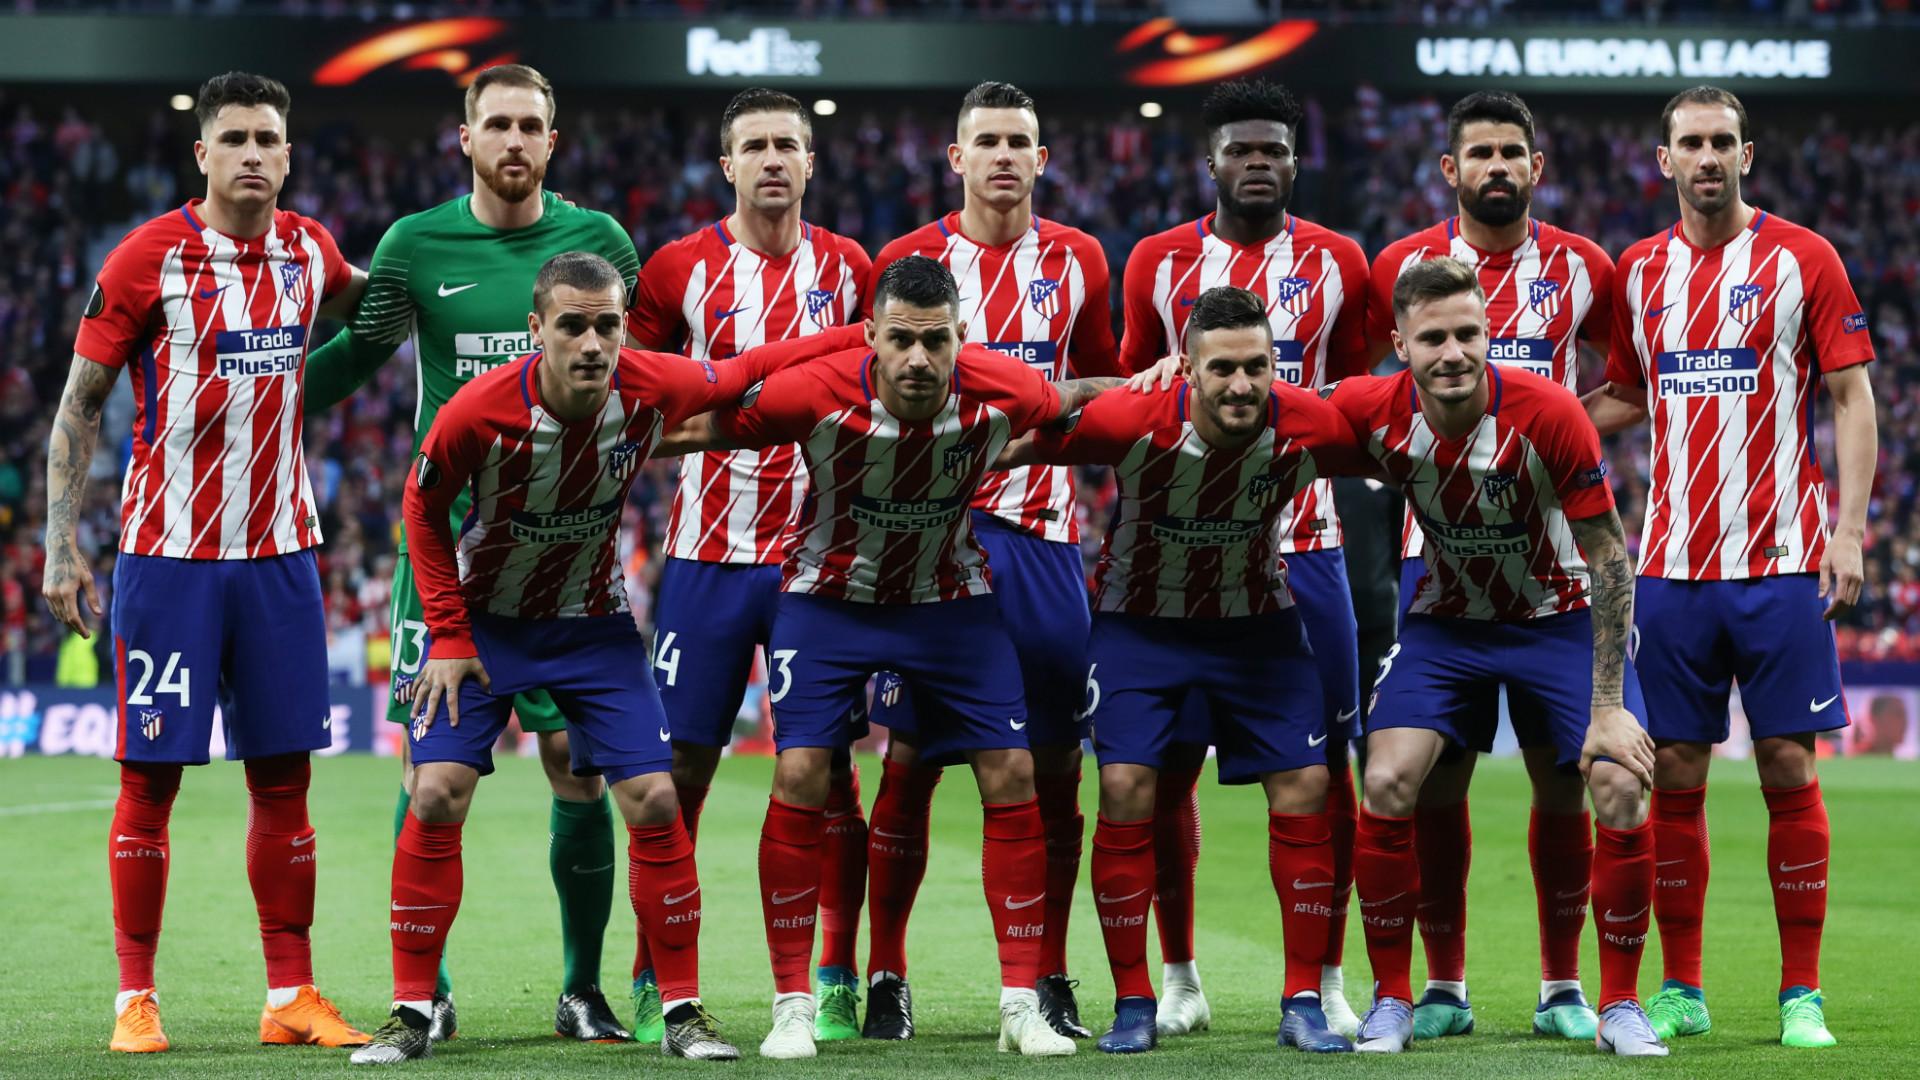 ¡Premio consuelo para el Atleti! Busca clasificar a la Supercopa de España 164acf3c344ca